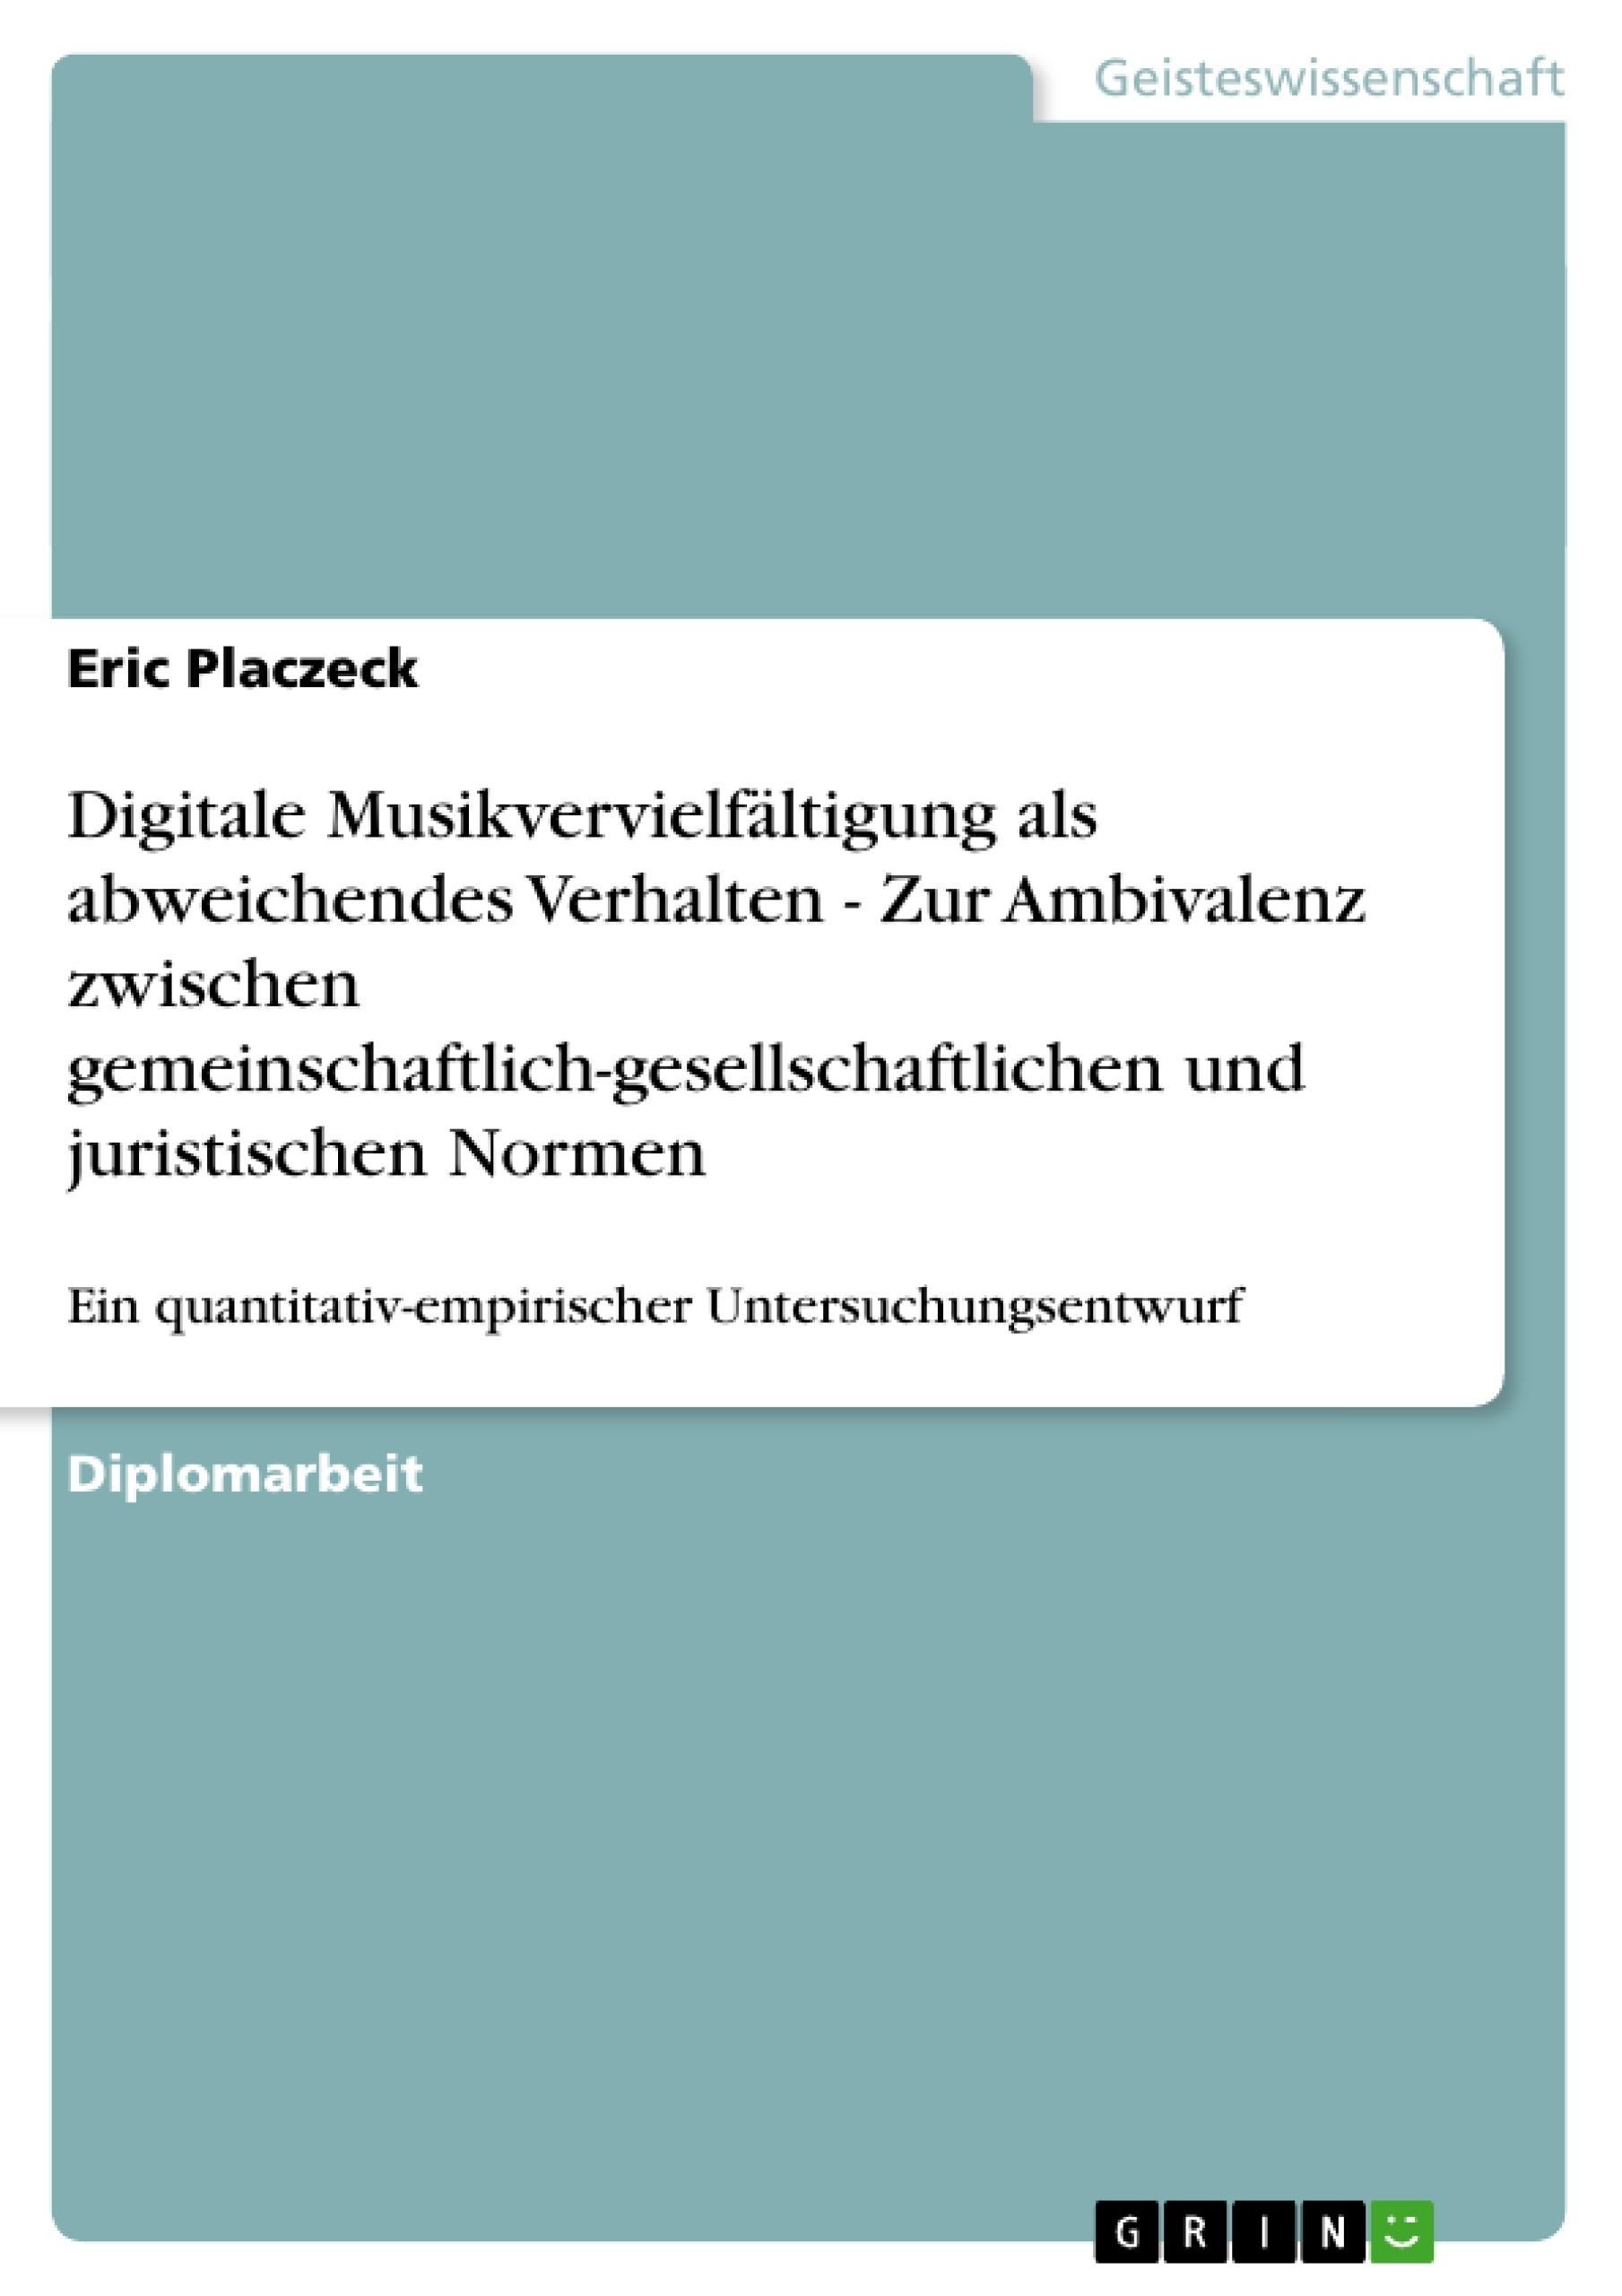 Titel: Digitale Musikvervielfältigung als abweichendes Verhalten - Zur Ambivalenz zwischen gemeinschaftlich-gesellschaftlichen und juristischen Normen